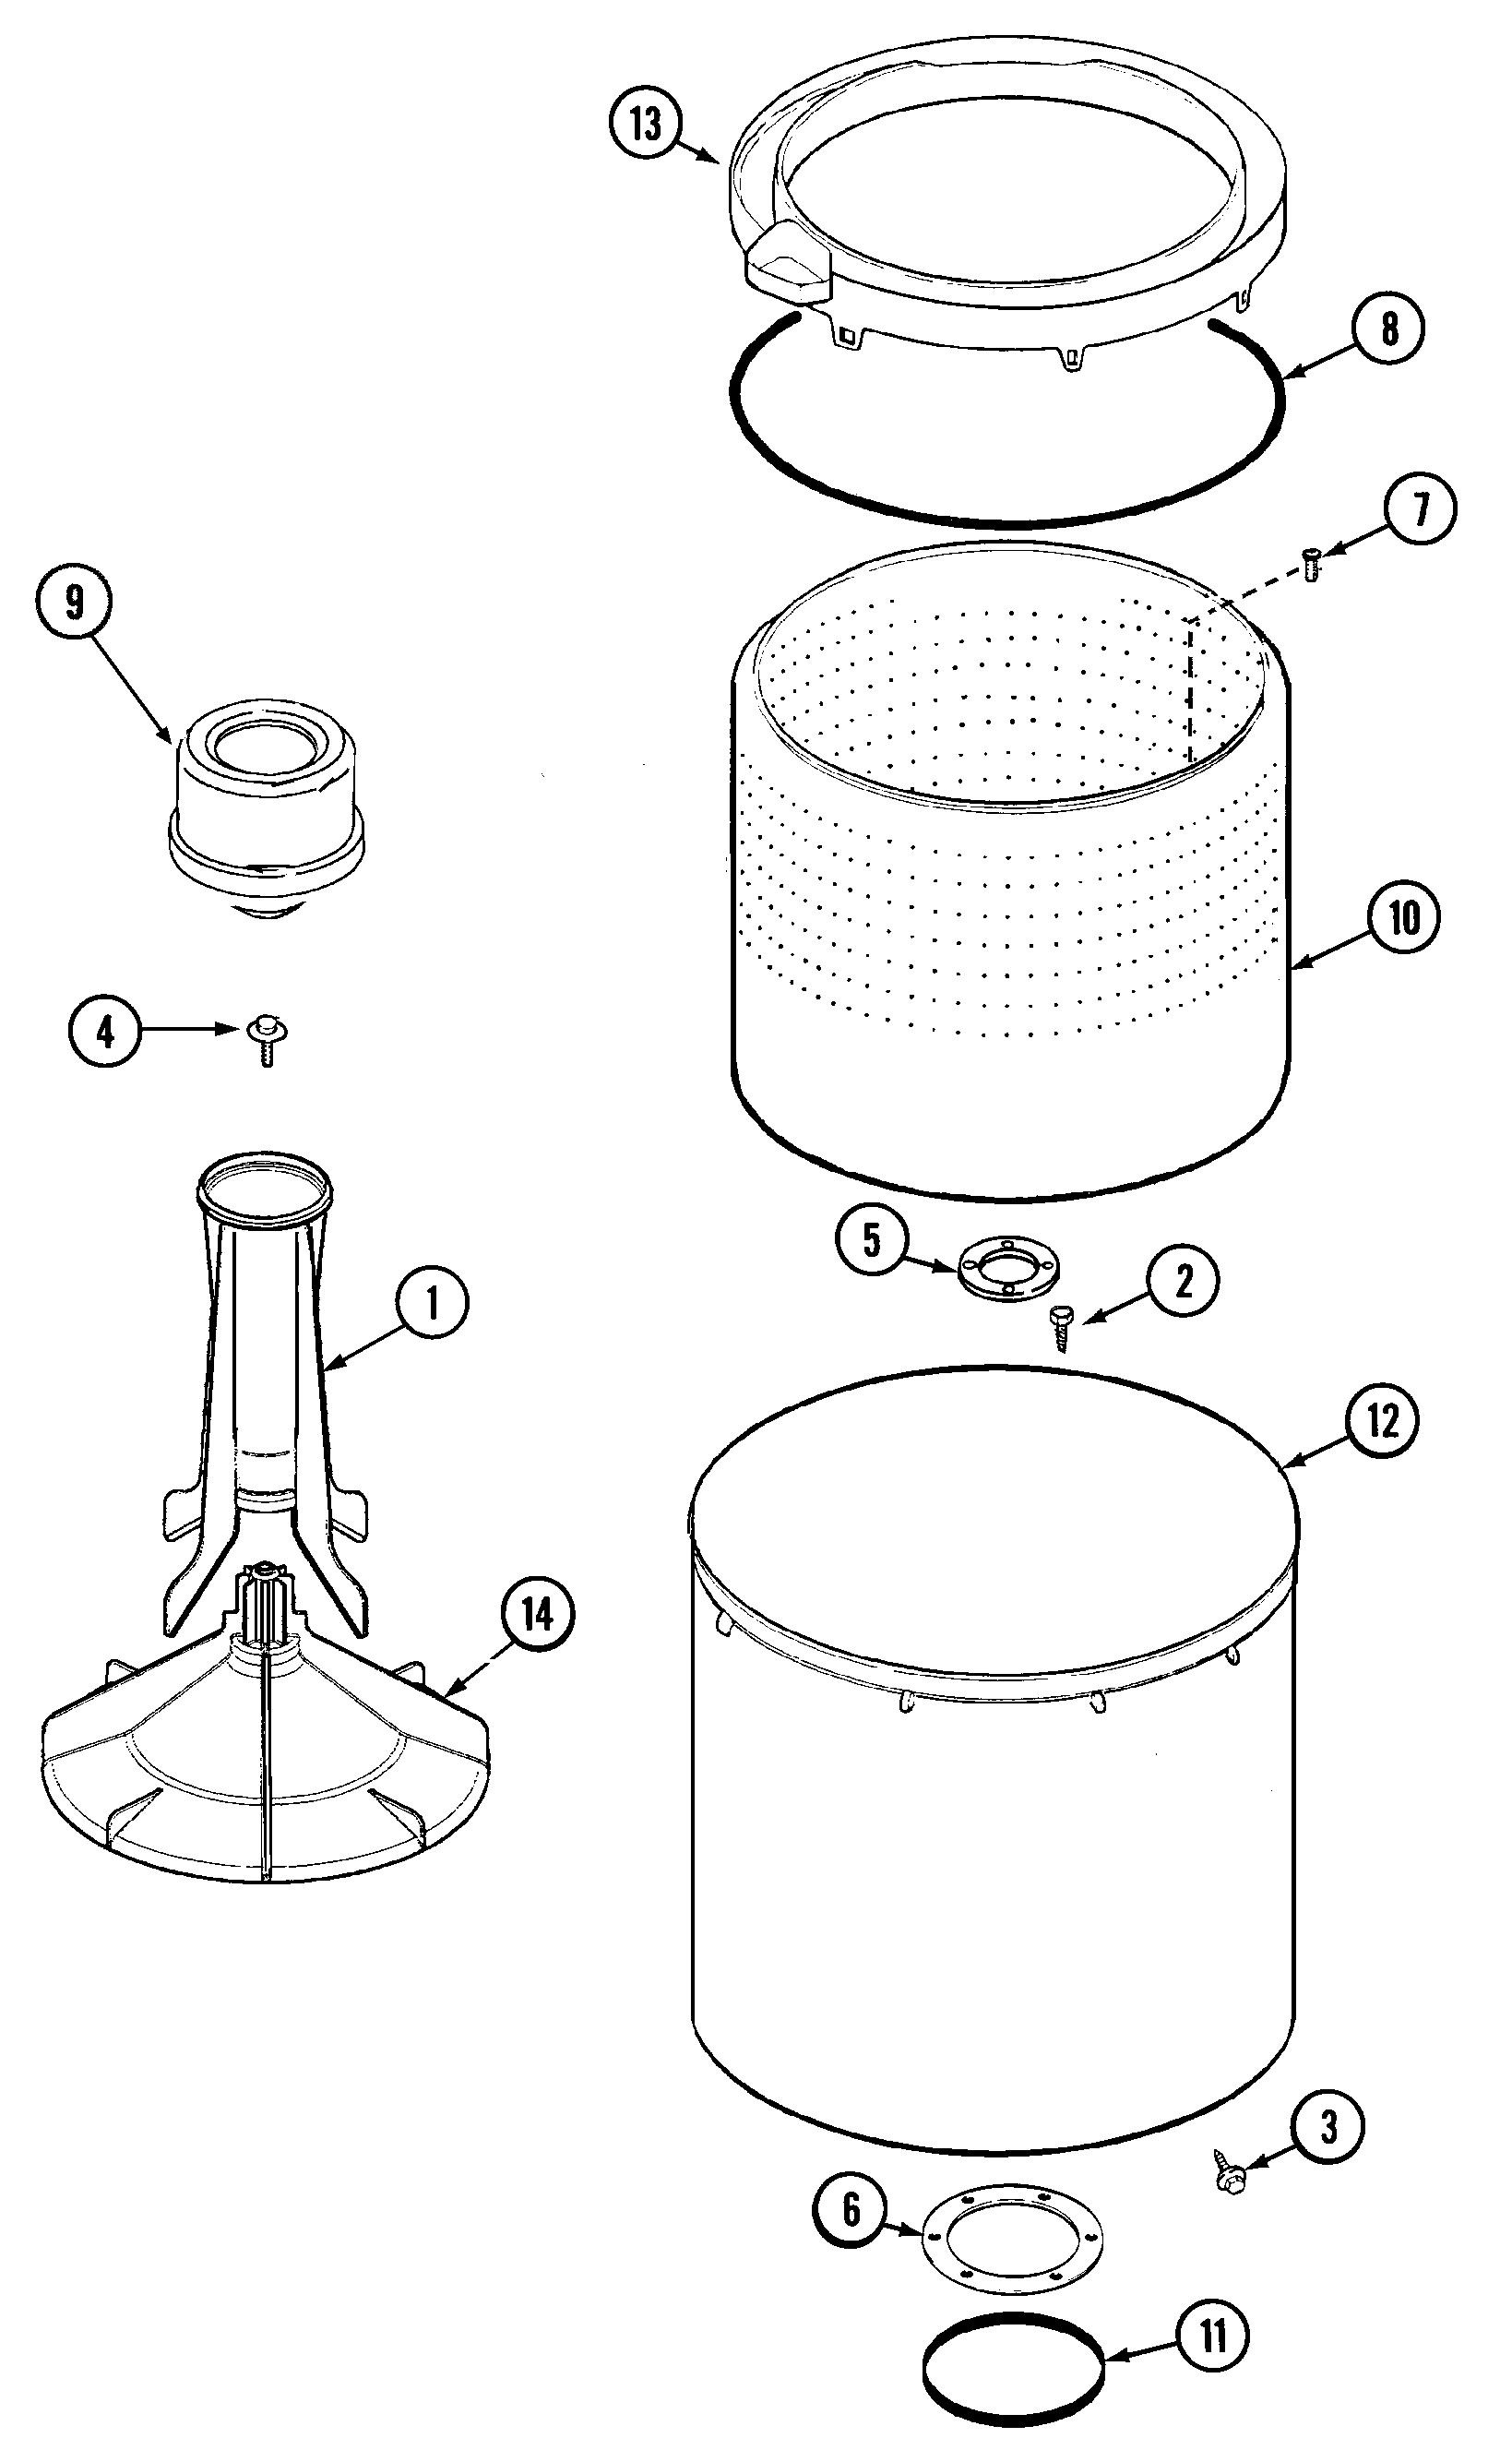 hight resolution of maytag pav2200aww tub pav2200 diagram